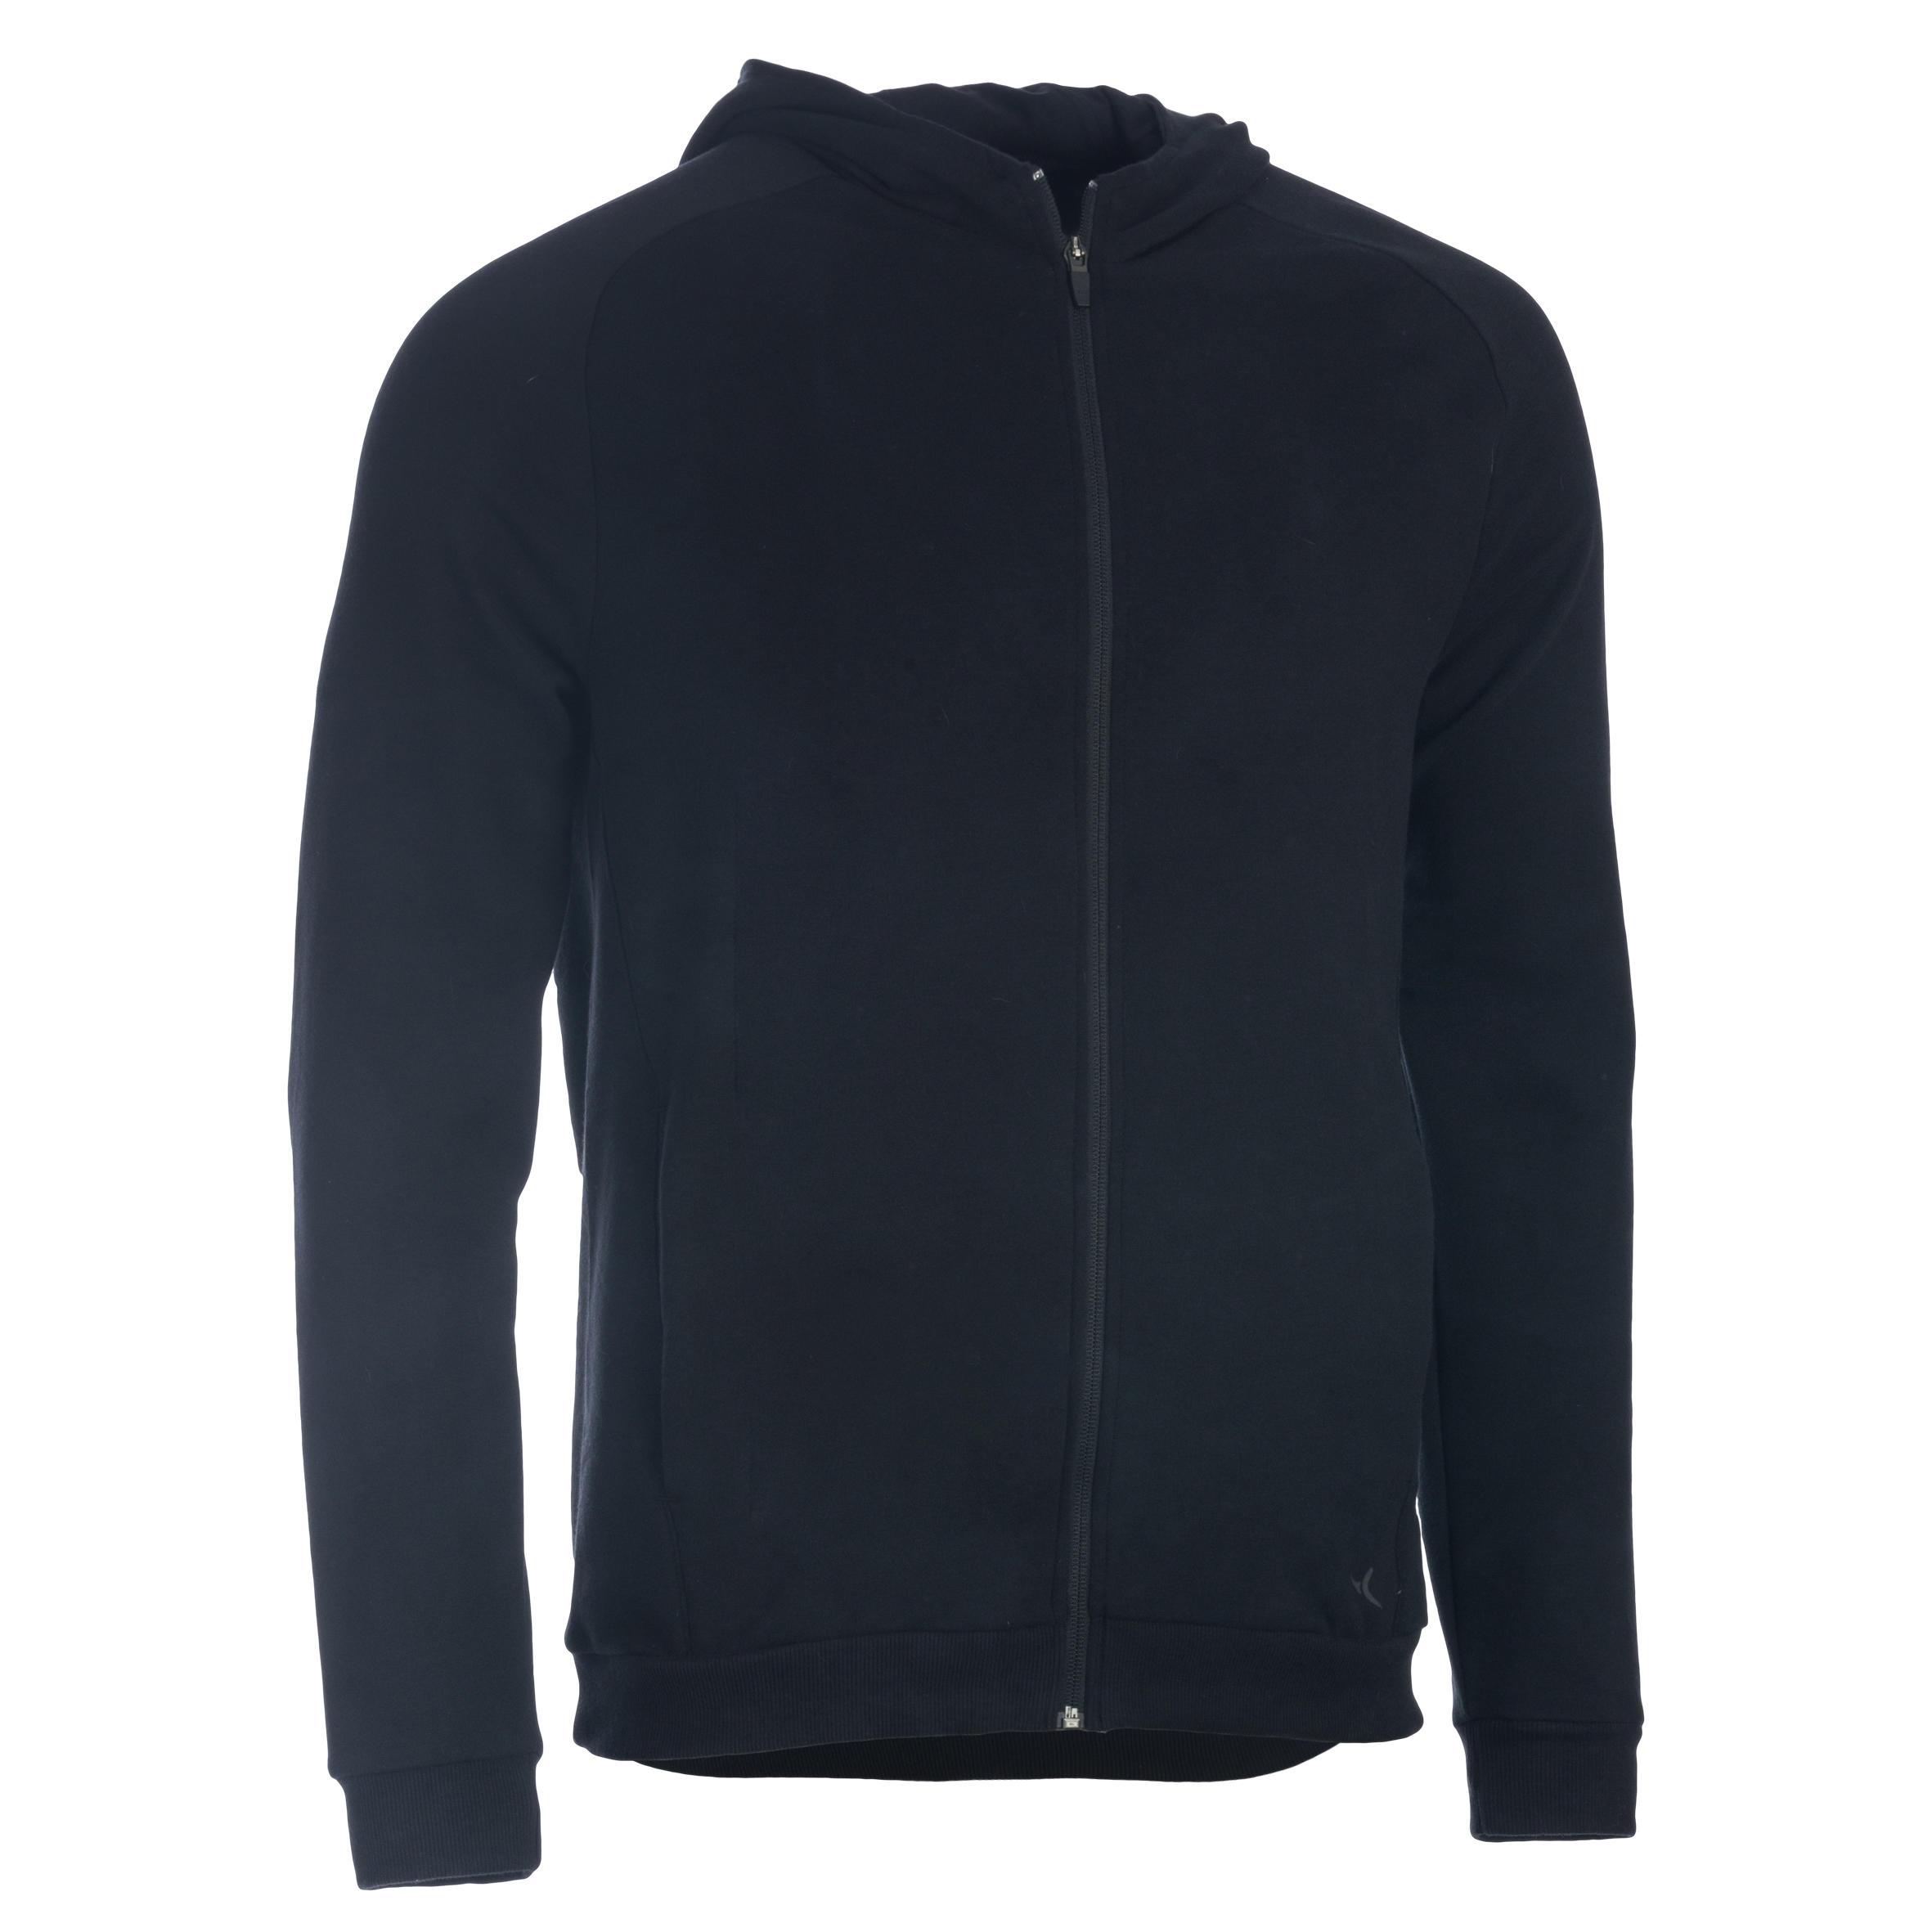 Veste 500 capuche gymnastique d'étirement noir homme